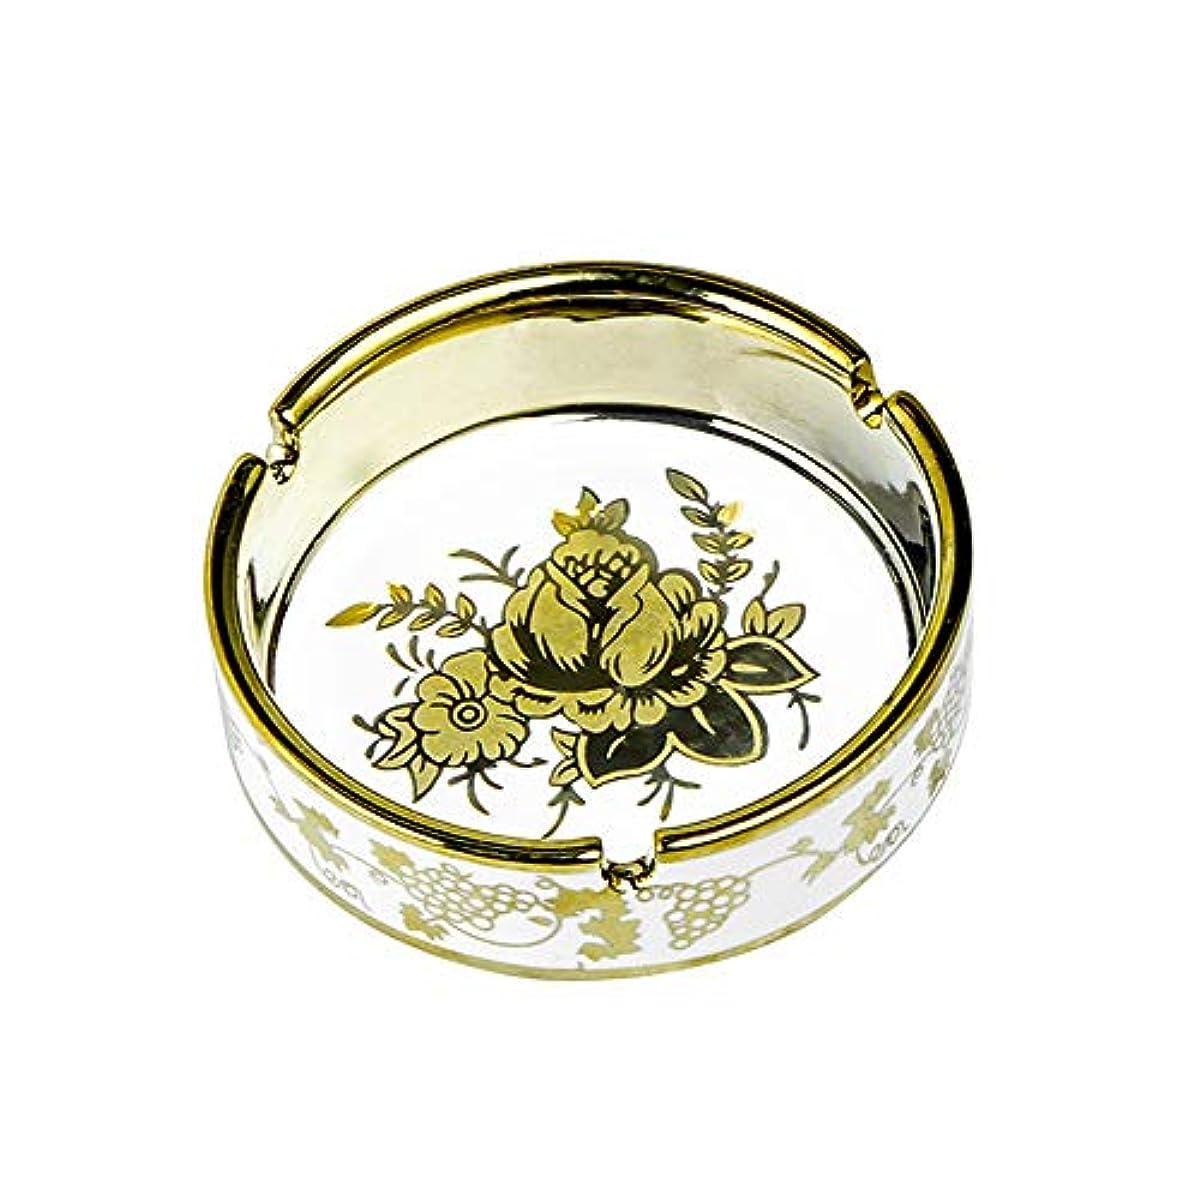 非効率的な社員ごちそうタバコ、ギフトおよび総本店の装飾のための円形の光沢のあるセラミック灰皿